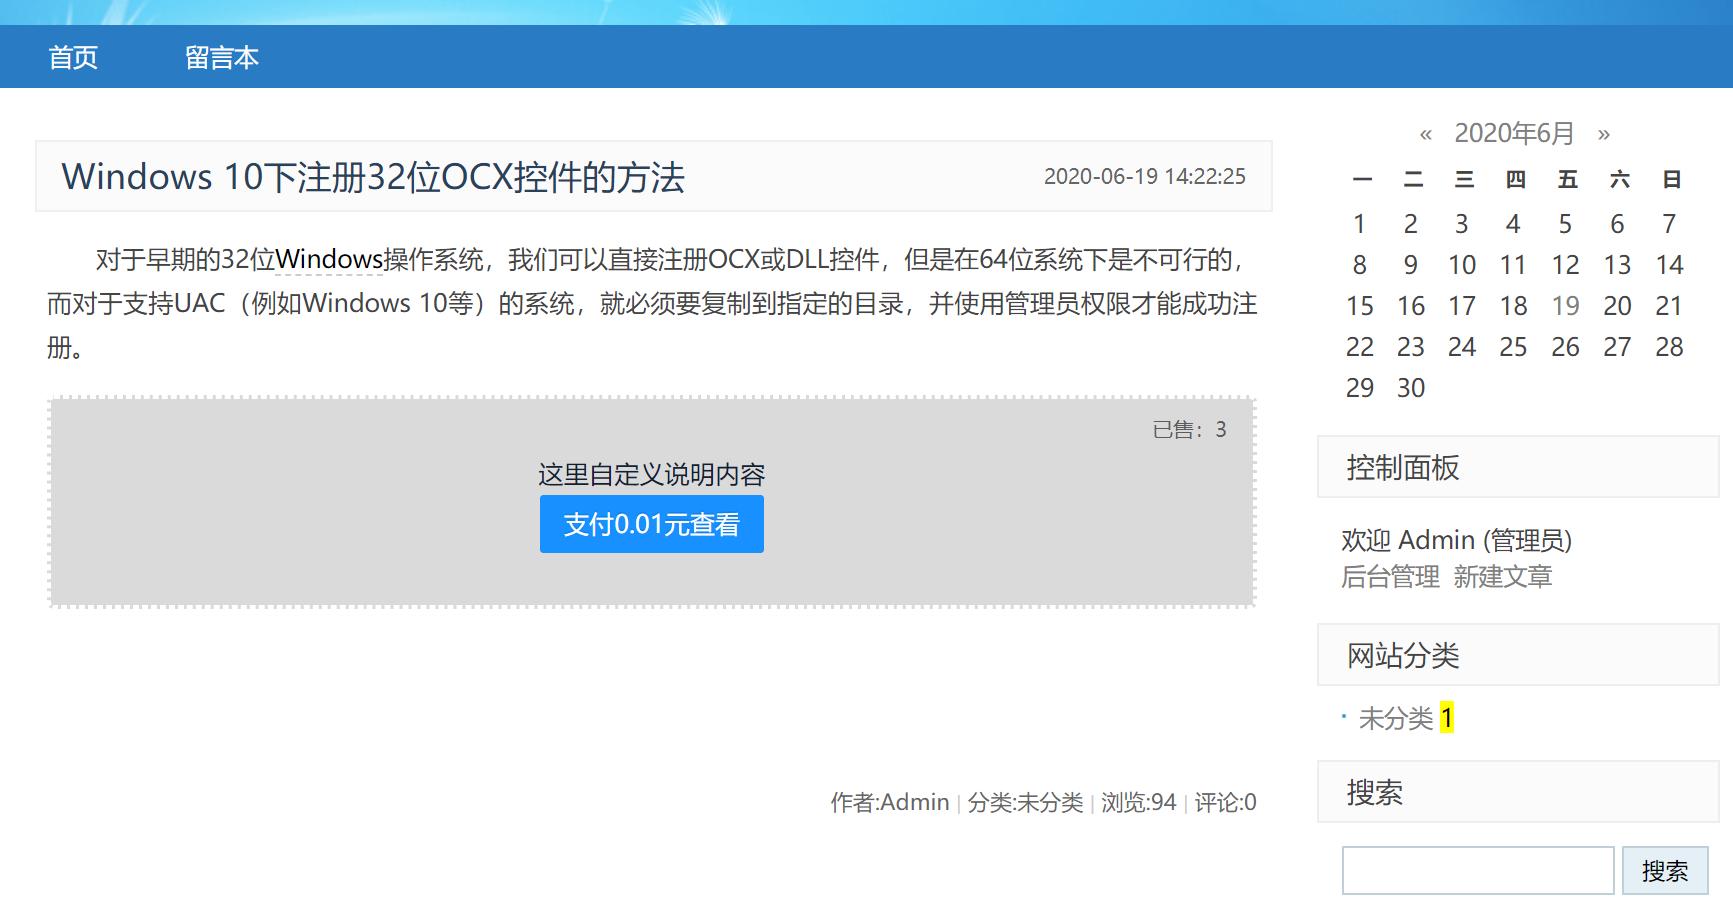 免登录购买 zblog免登陆购买 zblog游客购买 zblog zblog插件 第4张